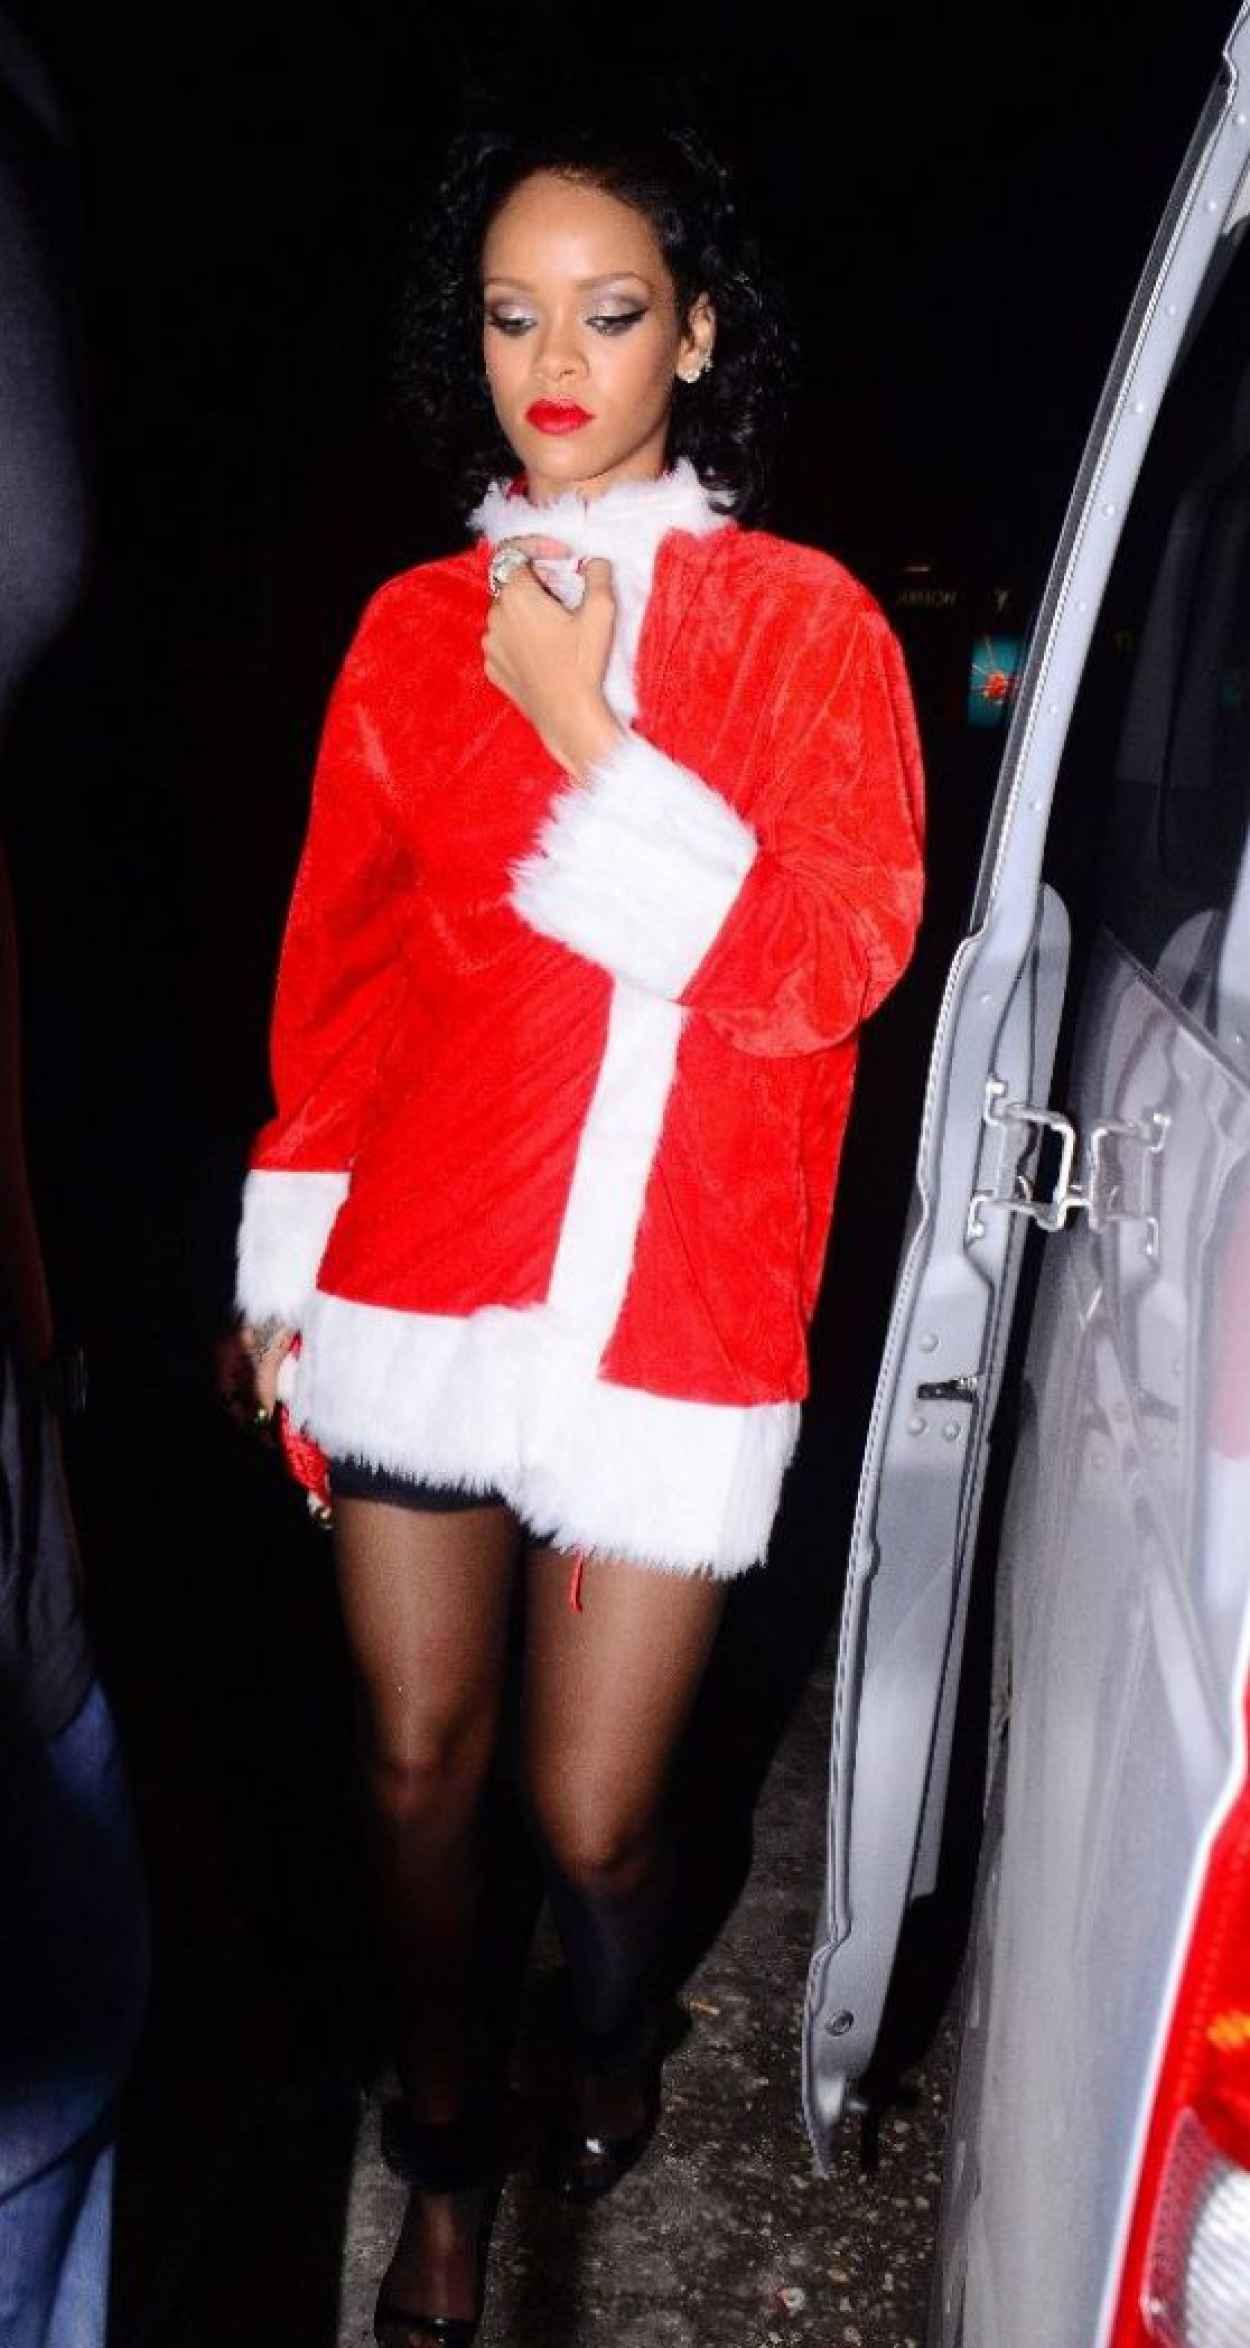 Rihanna - Priva Barbados Lounge and Night Club, Holetown, Barbados - December 2015-1